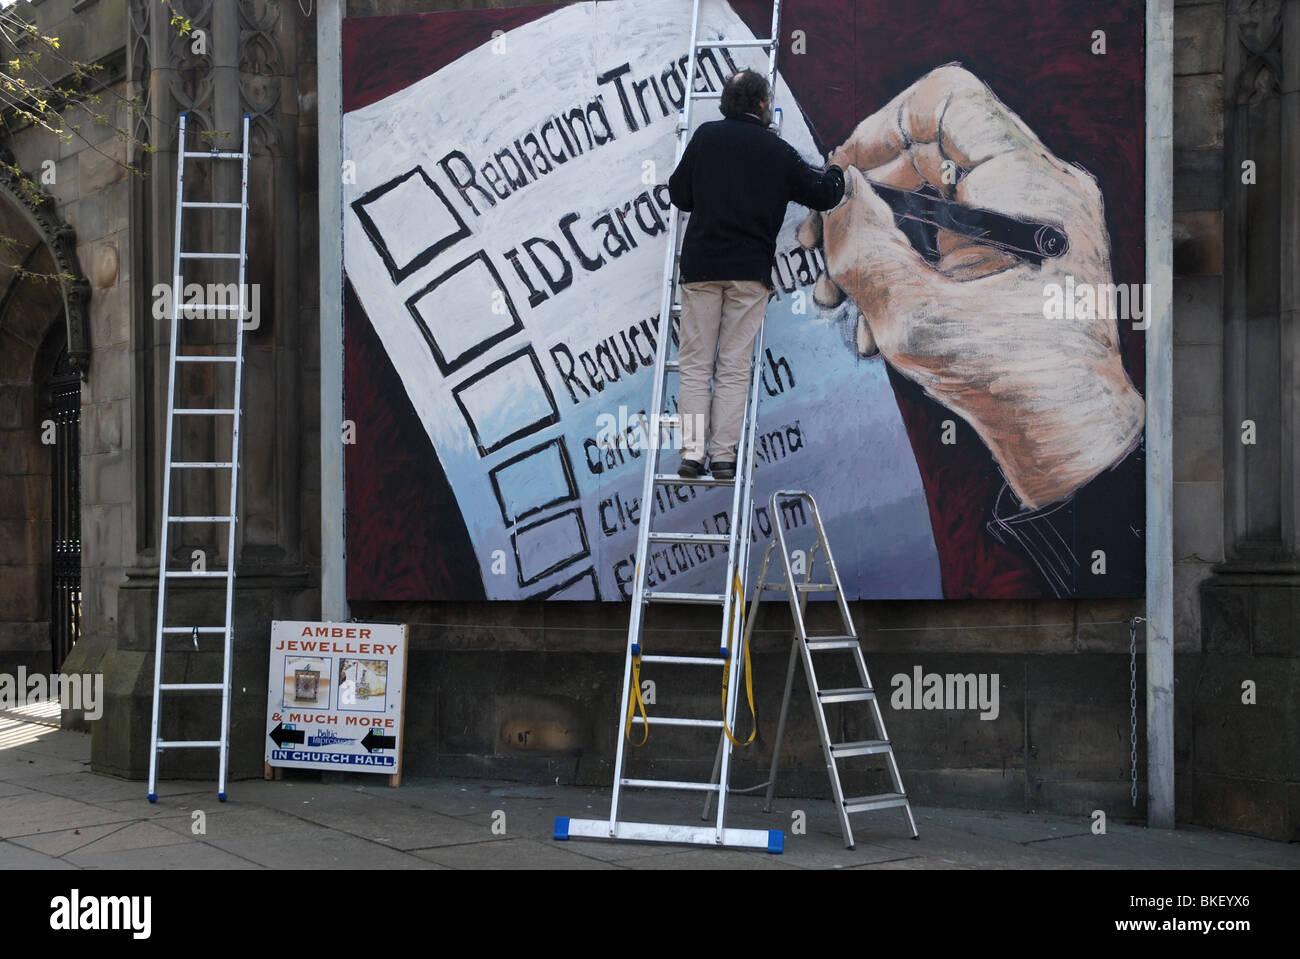 Un murale essendo dipinta su un muro della chiesa commentando i temi delle prossime elezioni nel Regno Unito. Immagini Stock